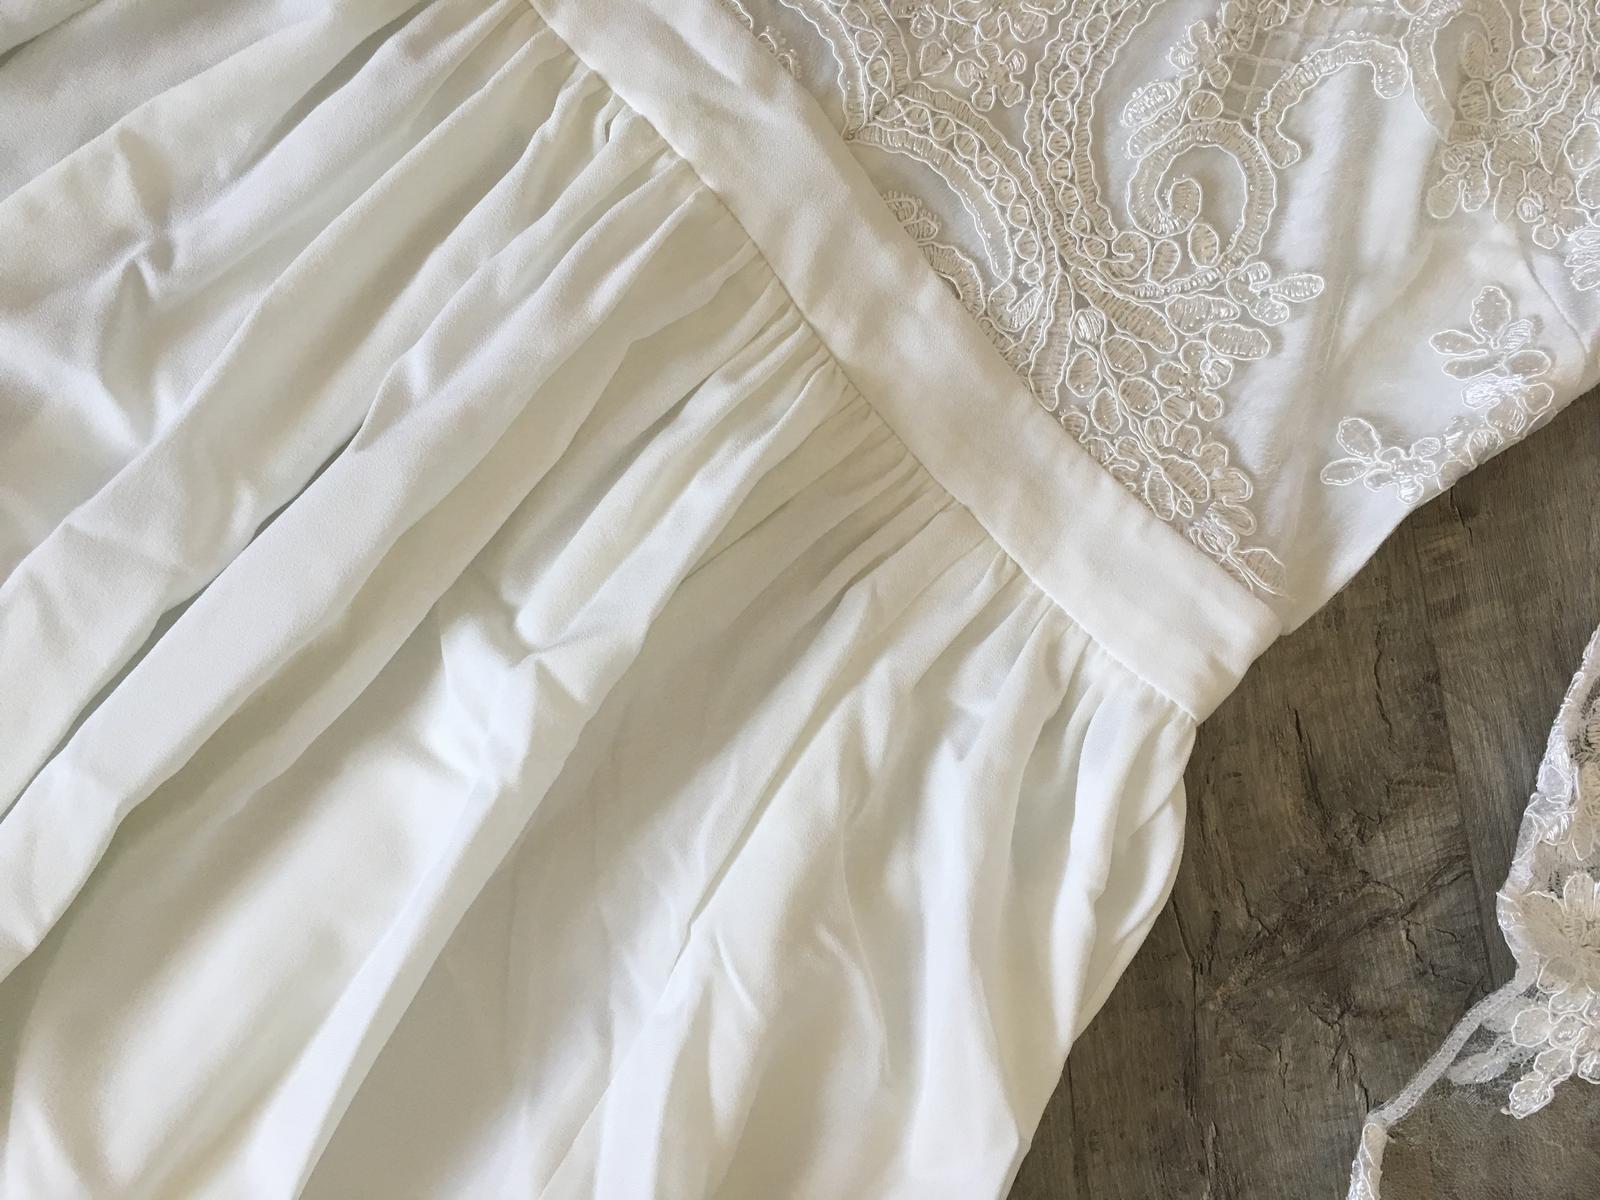 Boho šaty s dlouhým rukávem - Obrázek č. 2